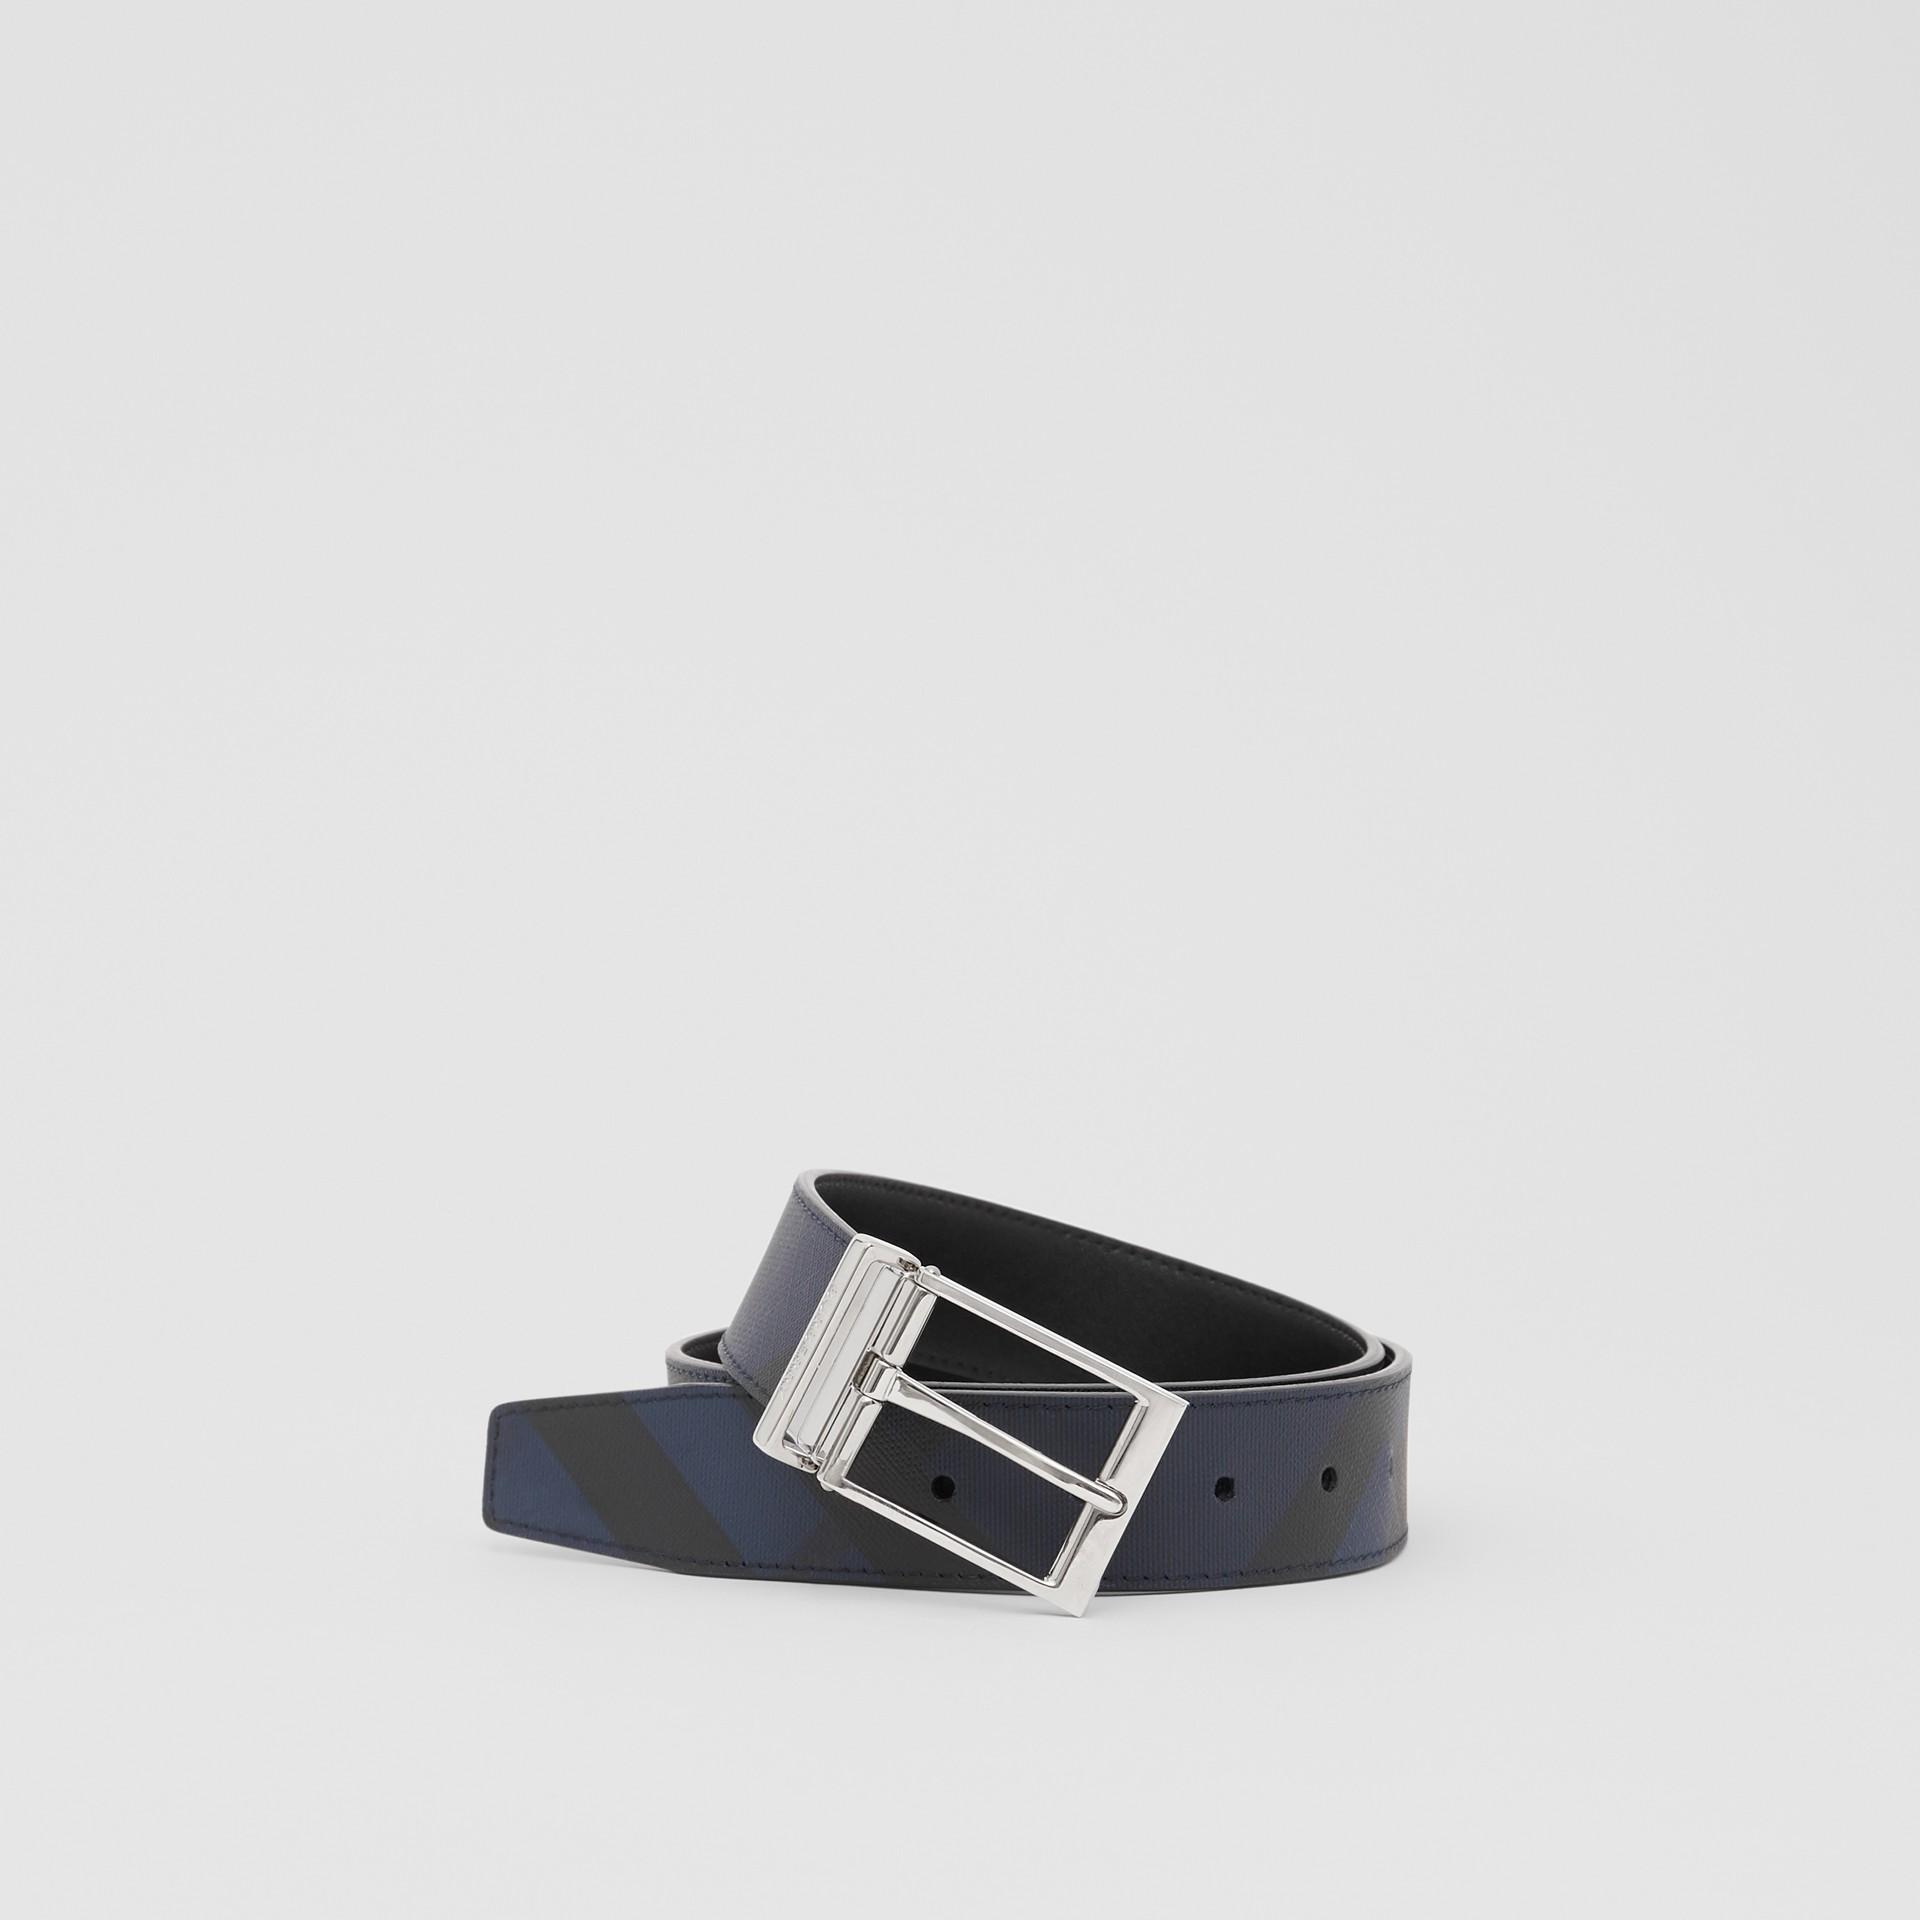 リバーシブル ロンドンチェック&レザー ベルト (ネイビー/ブラック) - メンズ | バーバリー - ギャラリーイメージ 0